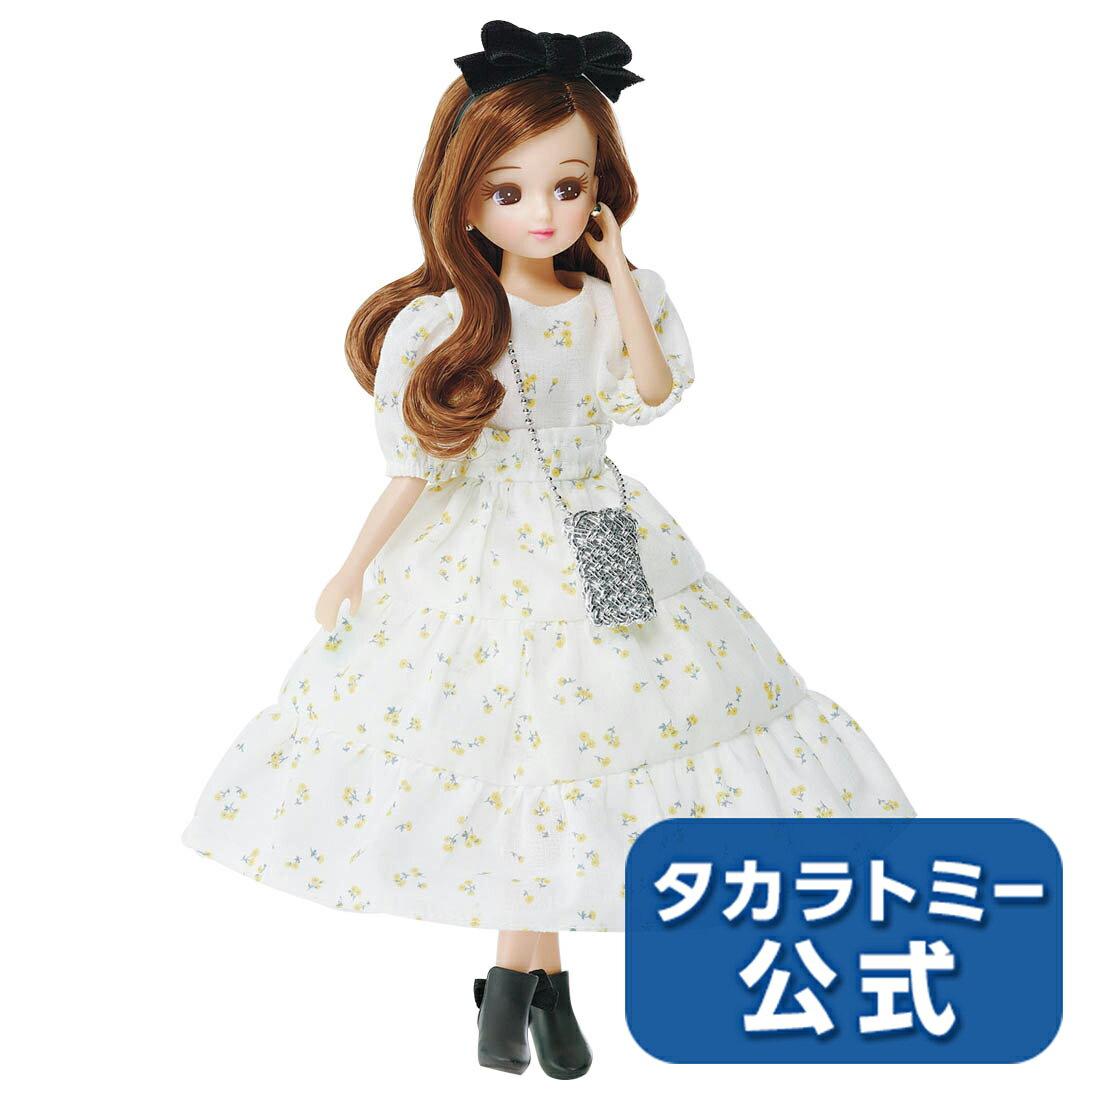 ぬいぐるみ・人形, 着せ替え人形  LD-16 VERY